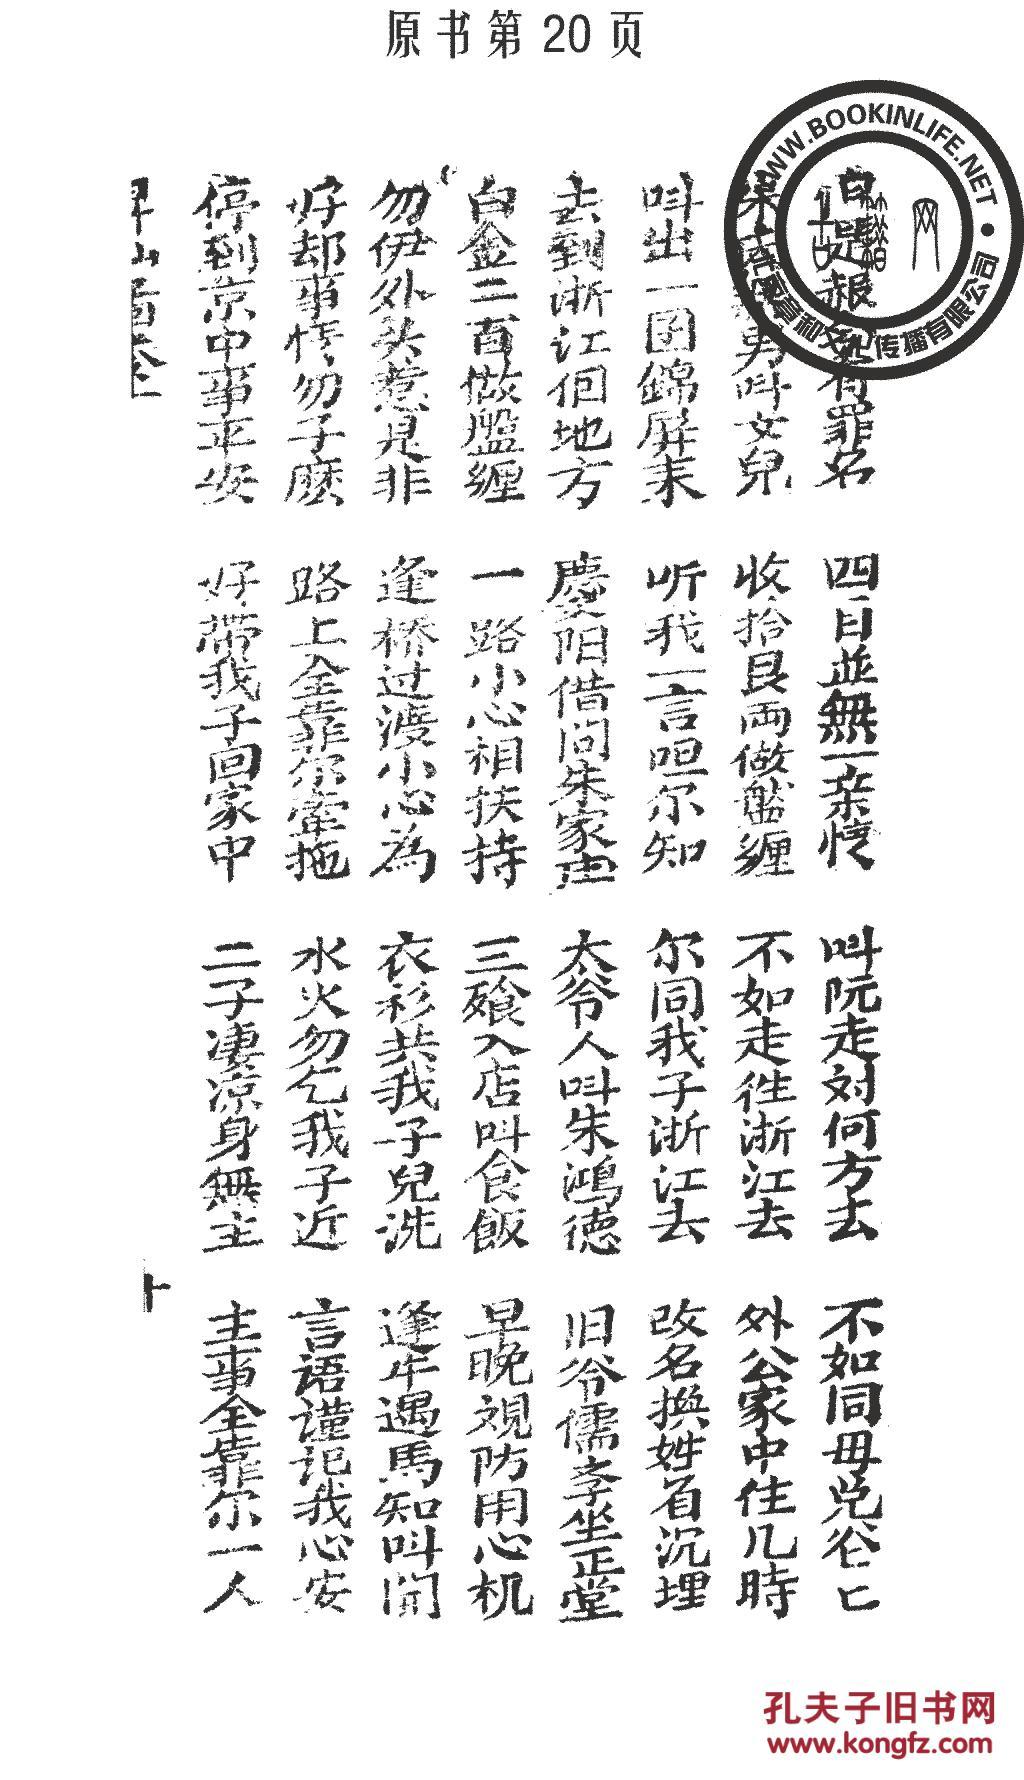 潮州音乐笛子简谱